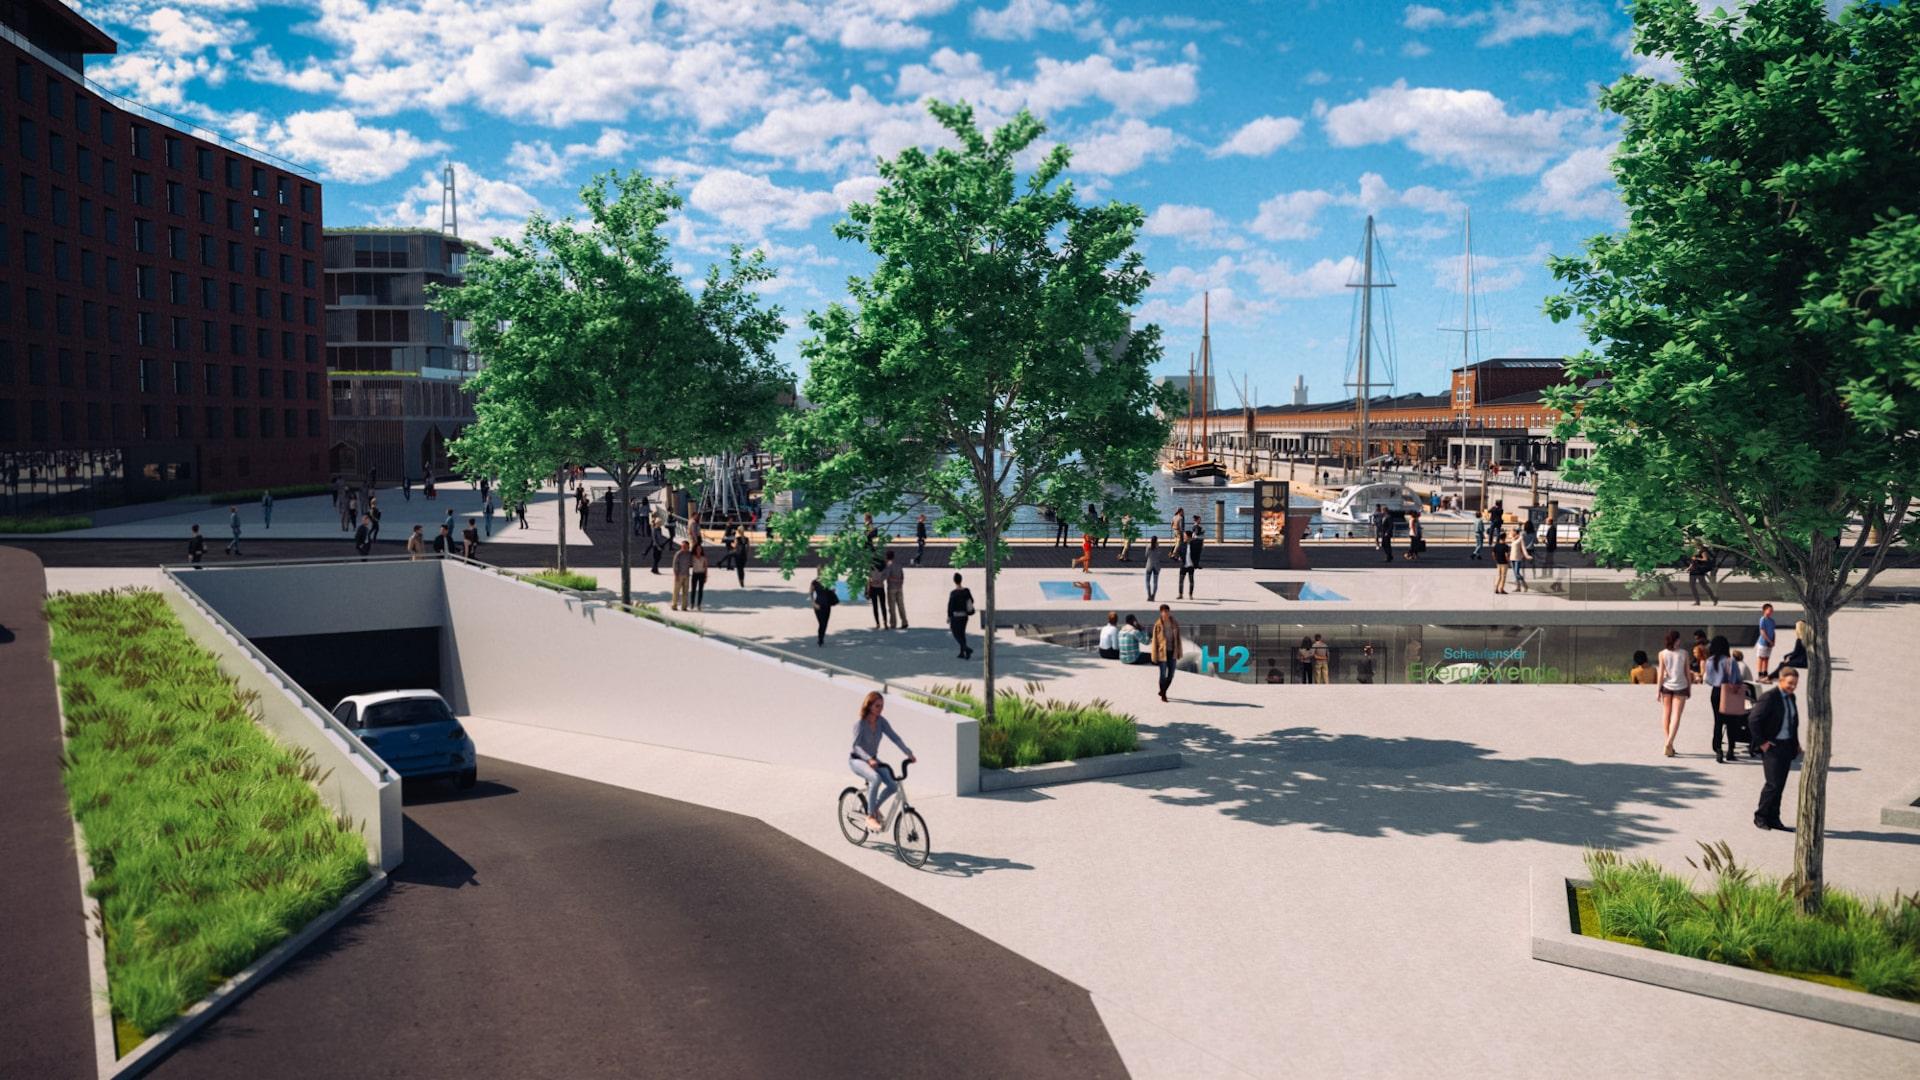 Destinationsentwicklung Quartier Alter Fischereihafen Cuxhaven Zukunftshaven Tiefgarage Going Places